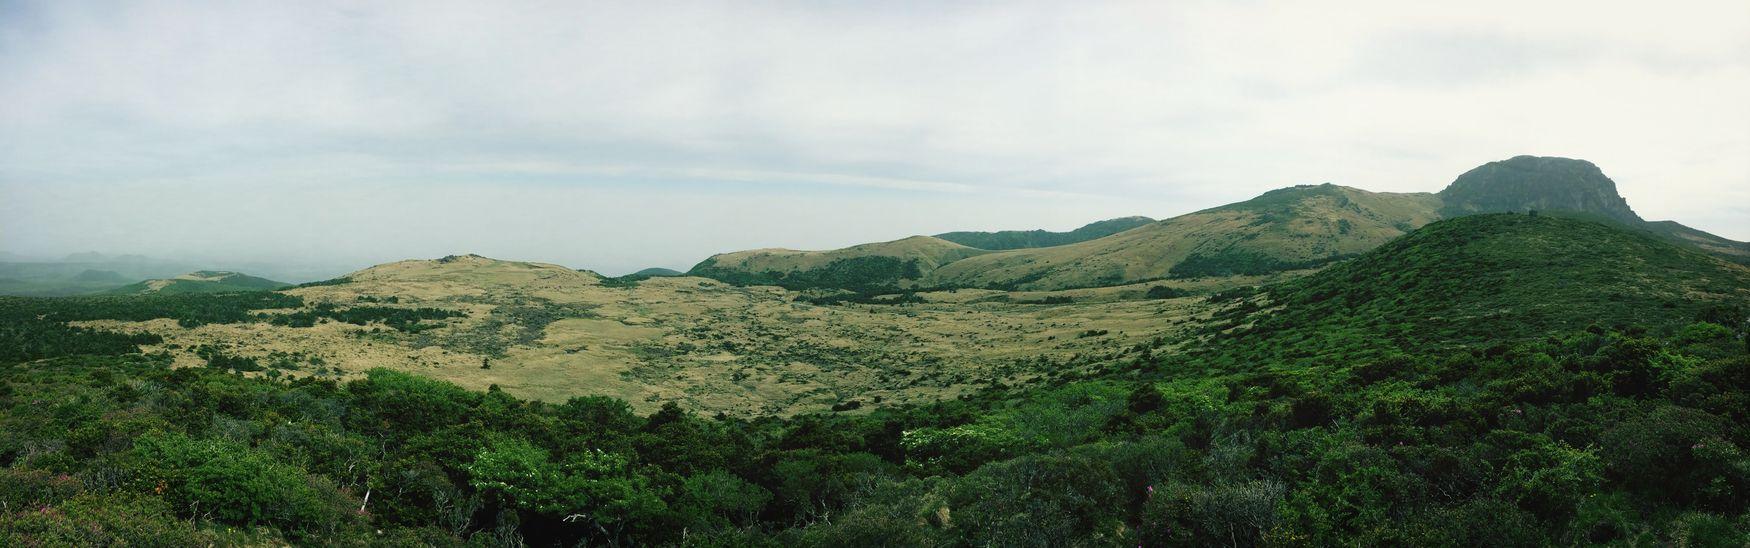 한라산(Mt. Halla... Hallasan)을 오르며... 우측 봉우리 꼭대기가 백록담.... 영실코스로 가서 백록담은 못보고 바로아래 남벽분기점까지 갔다....